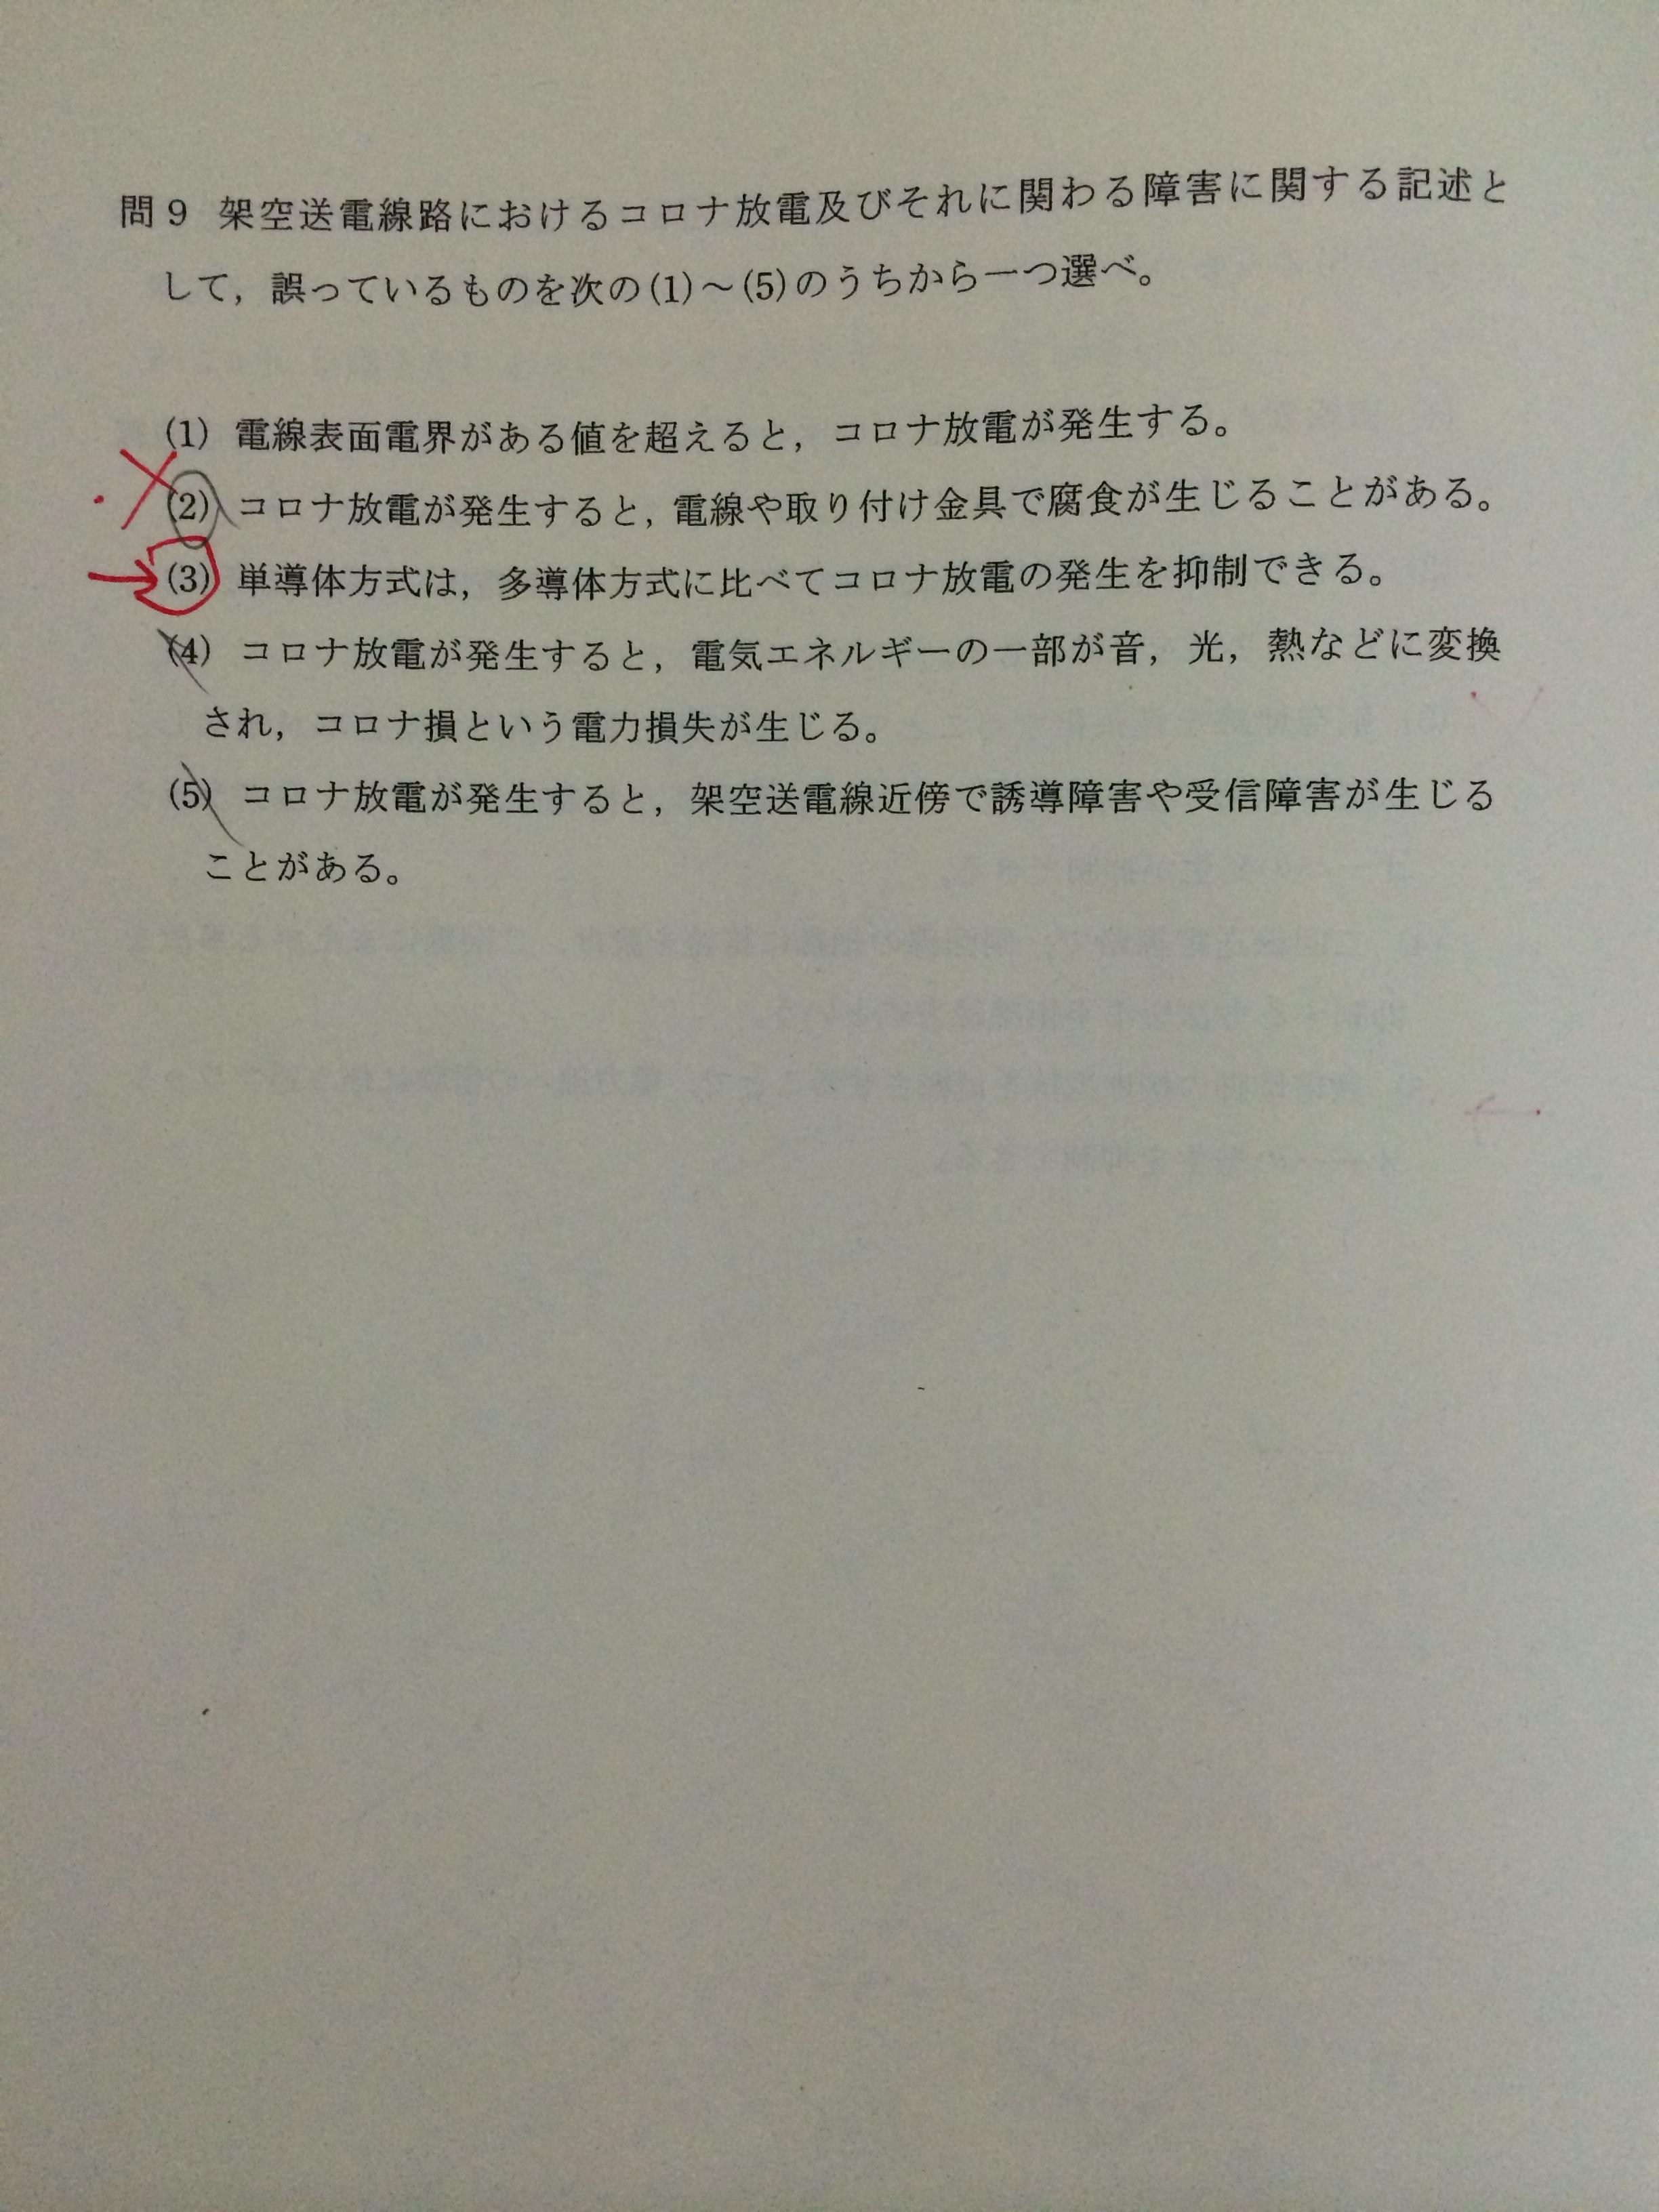 denryoku_08